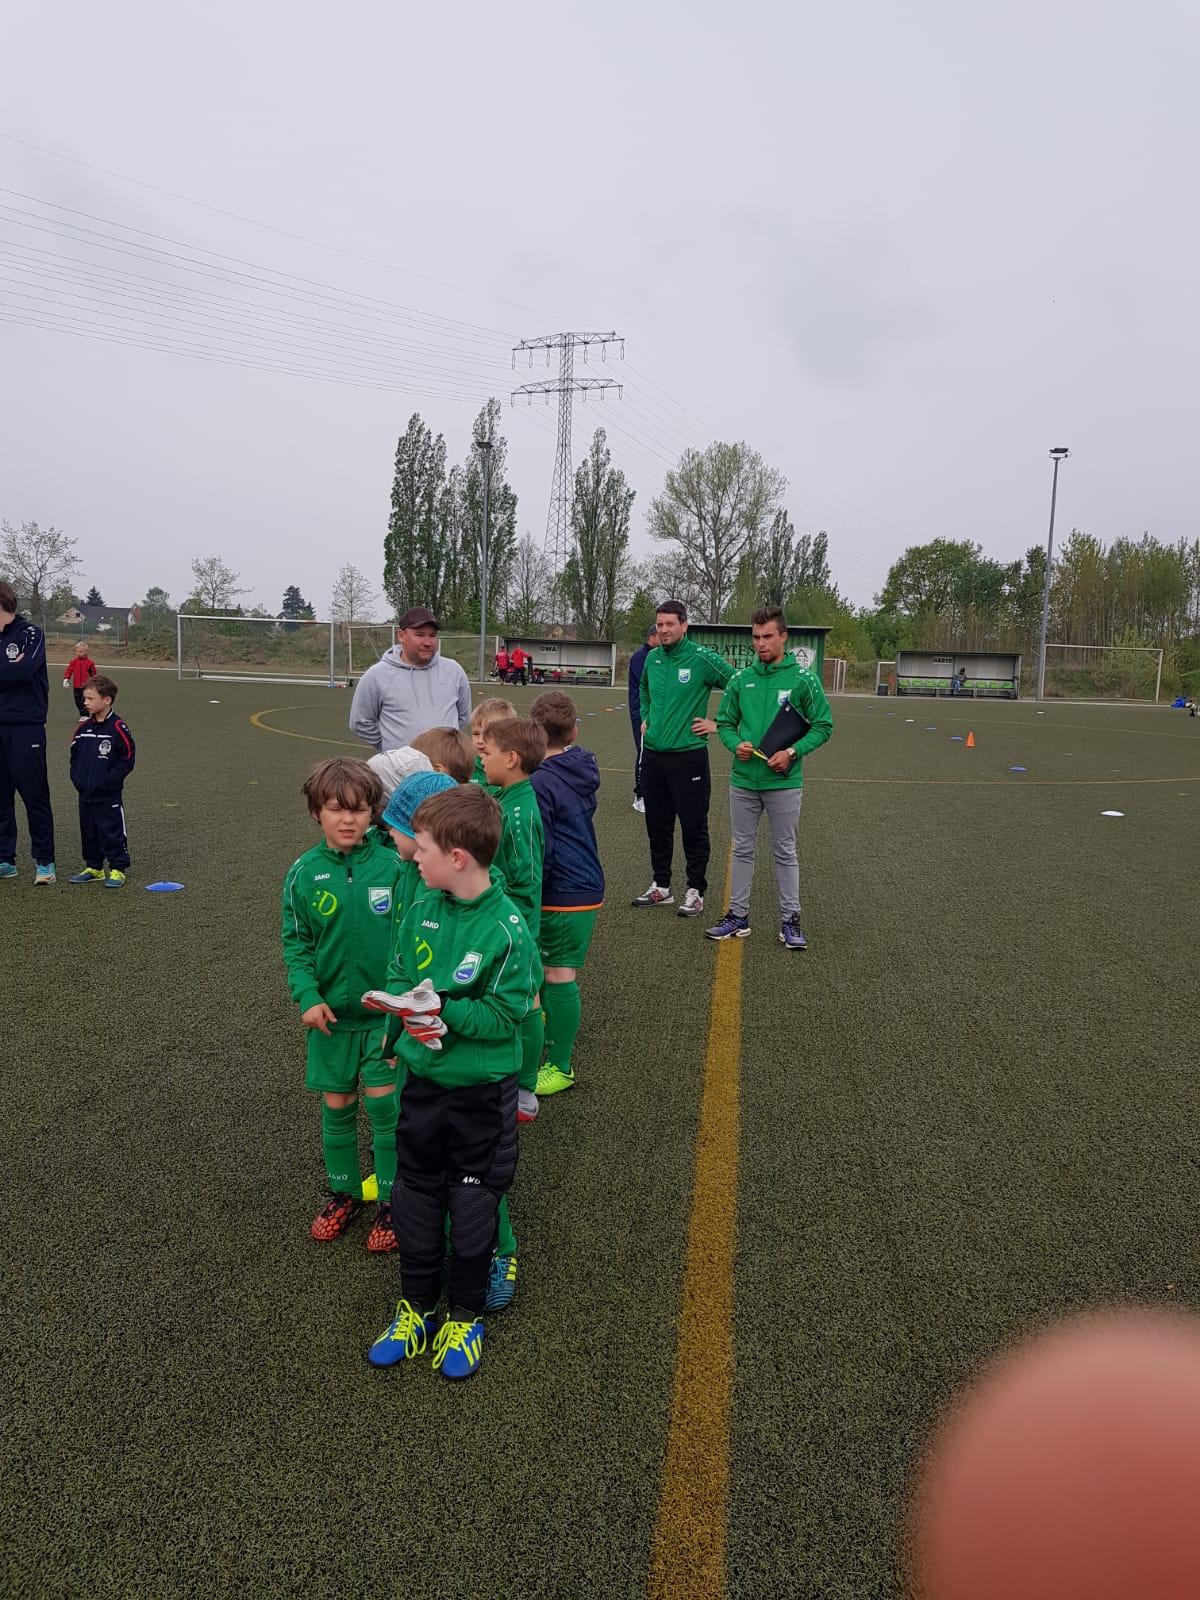 20190427 G-Junioren mit 2. Platz in Ahrensfelde (2)